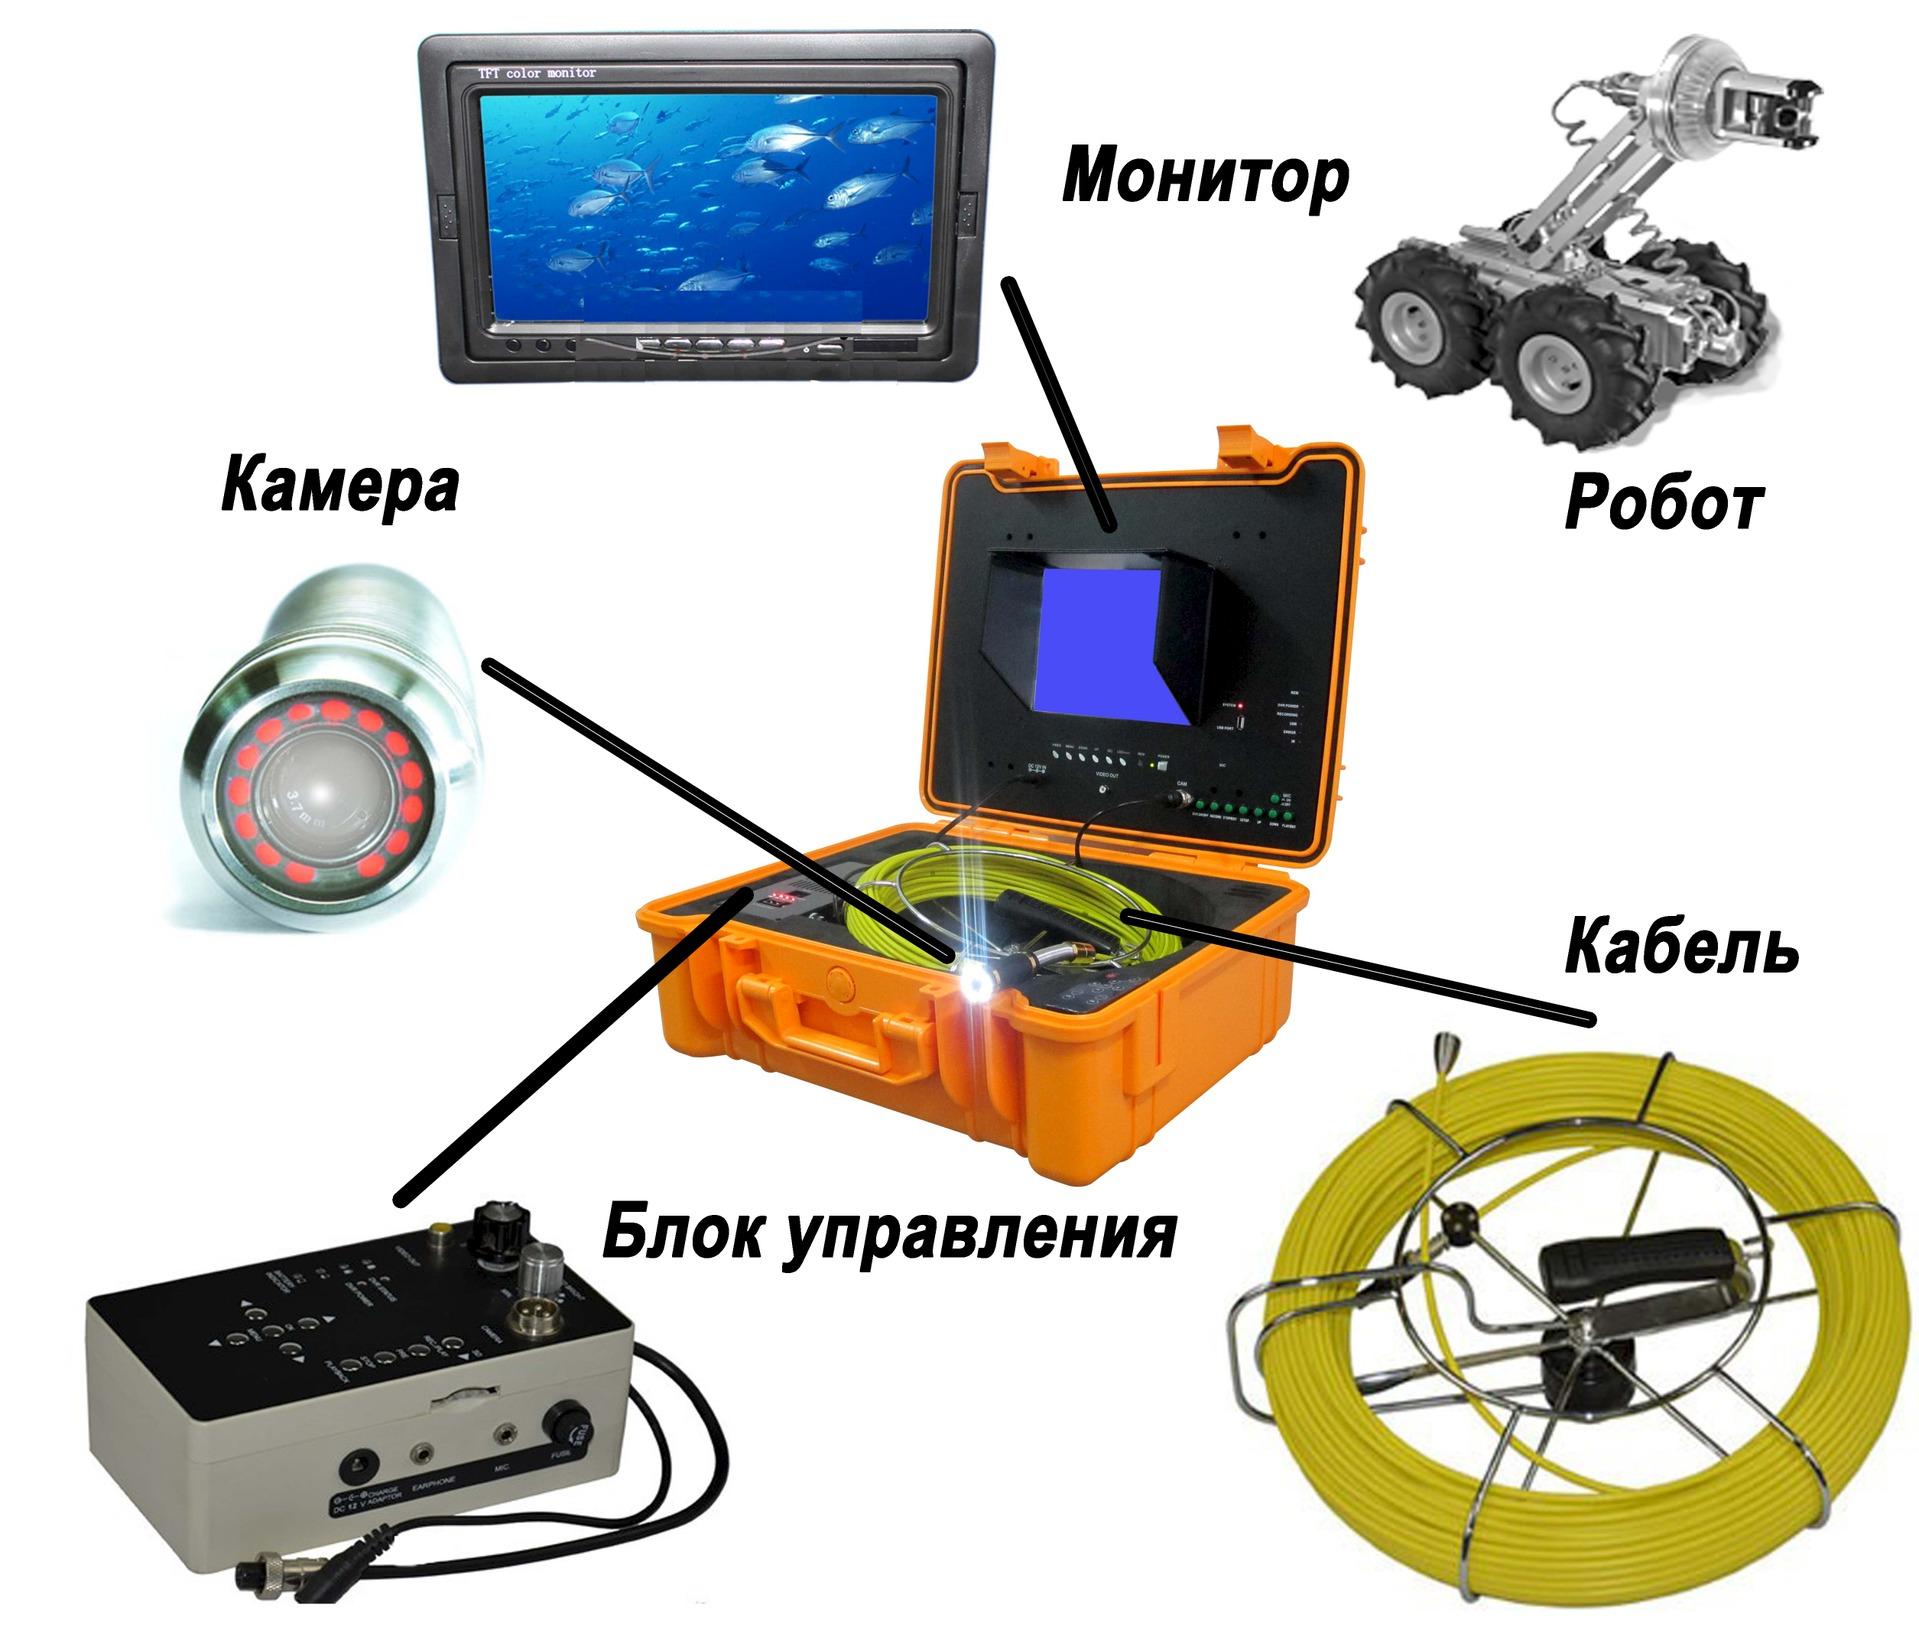 Видеодиагностика труб канализации - телеинспекция в СПб